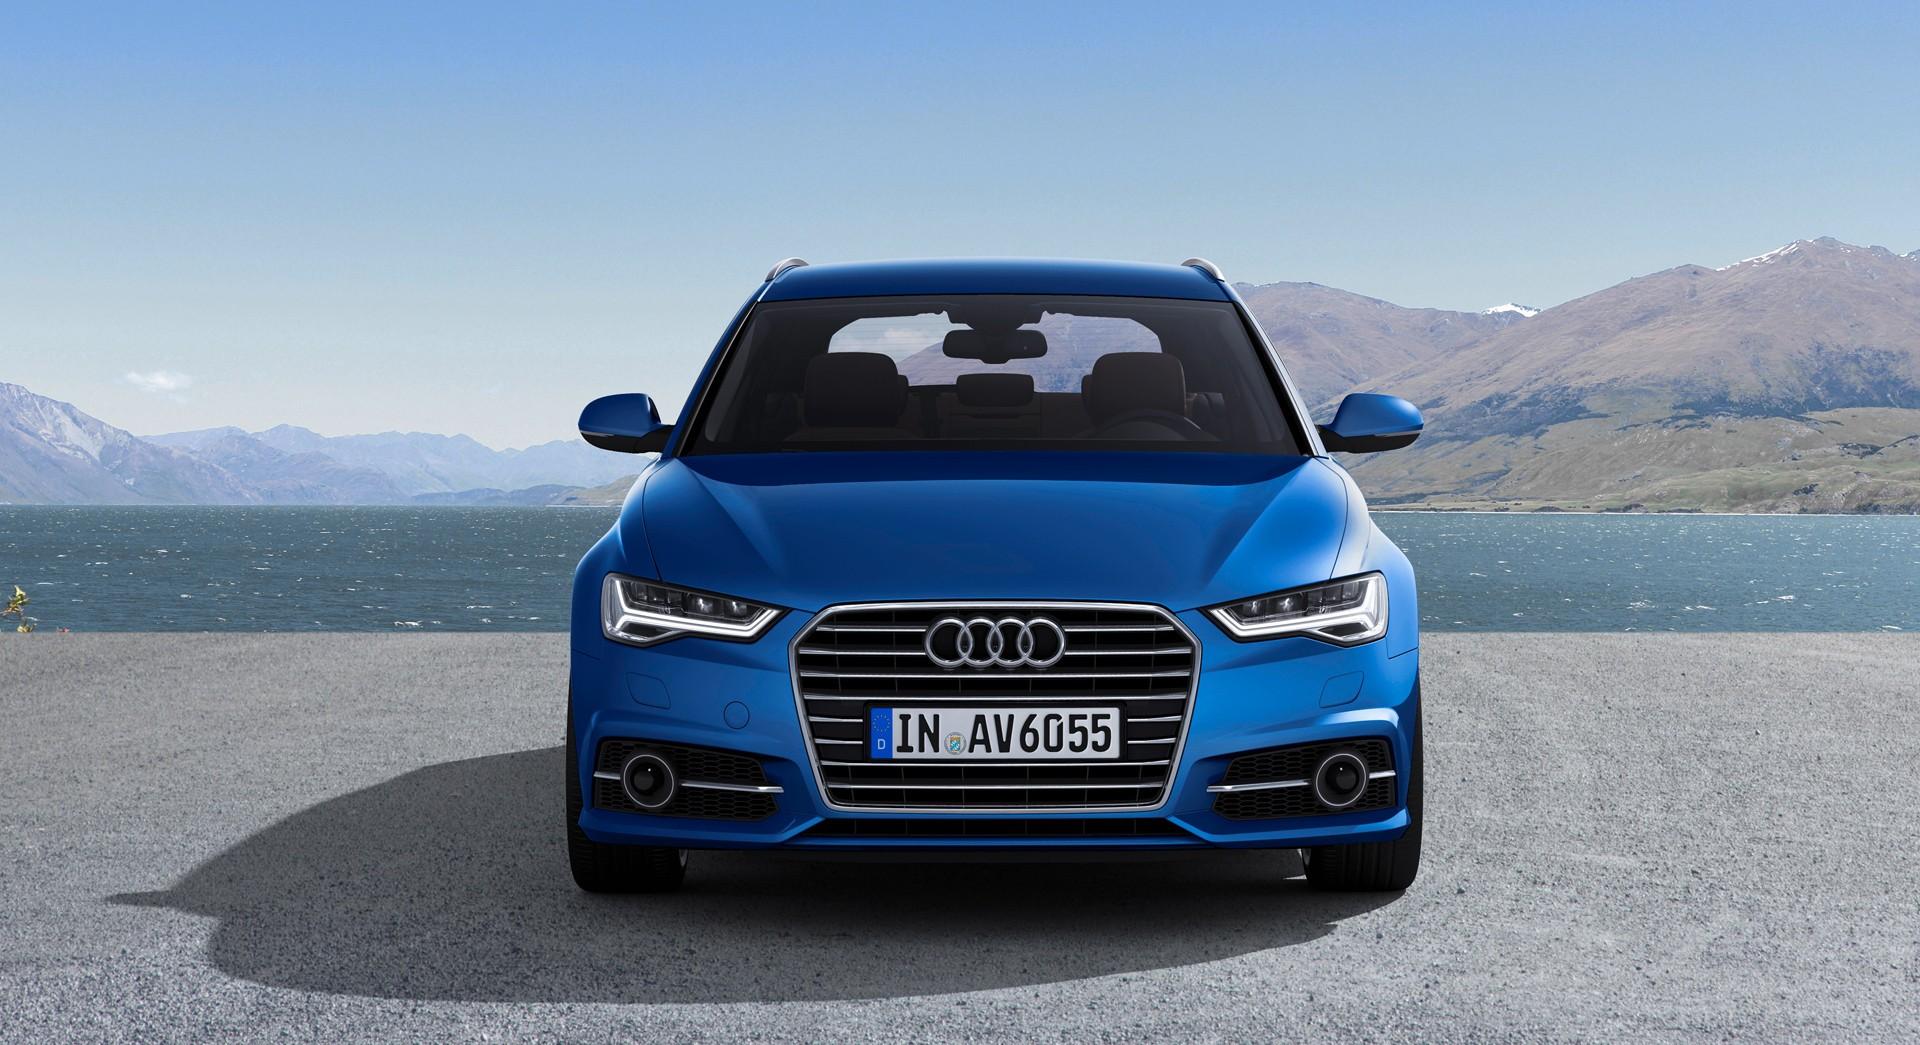 Audi A6 Avant Blue Hd Desktop Wallpapers 4k Hd